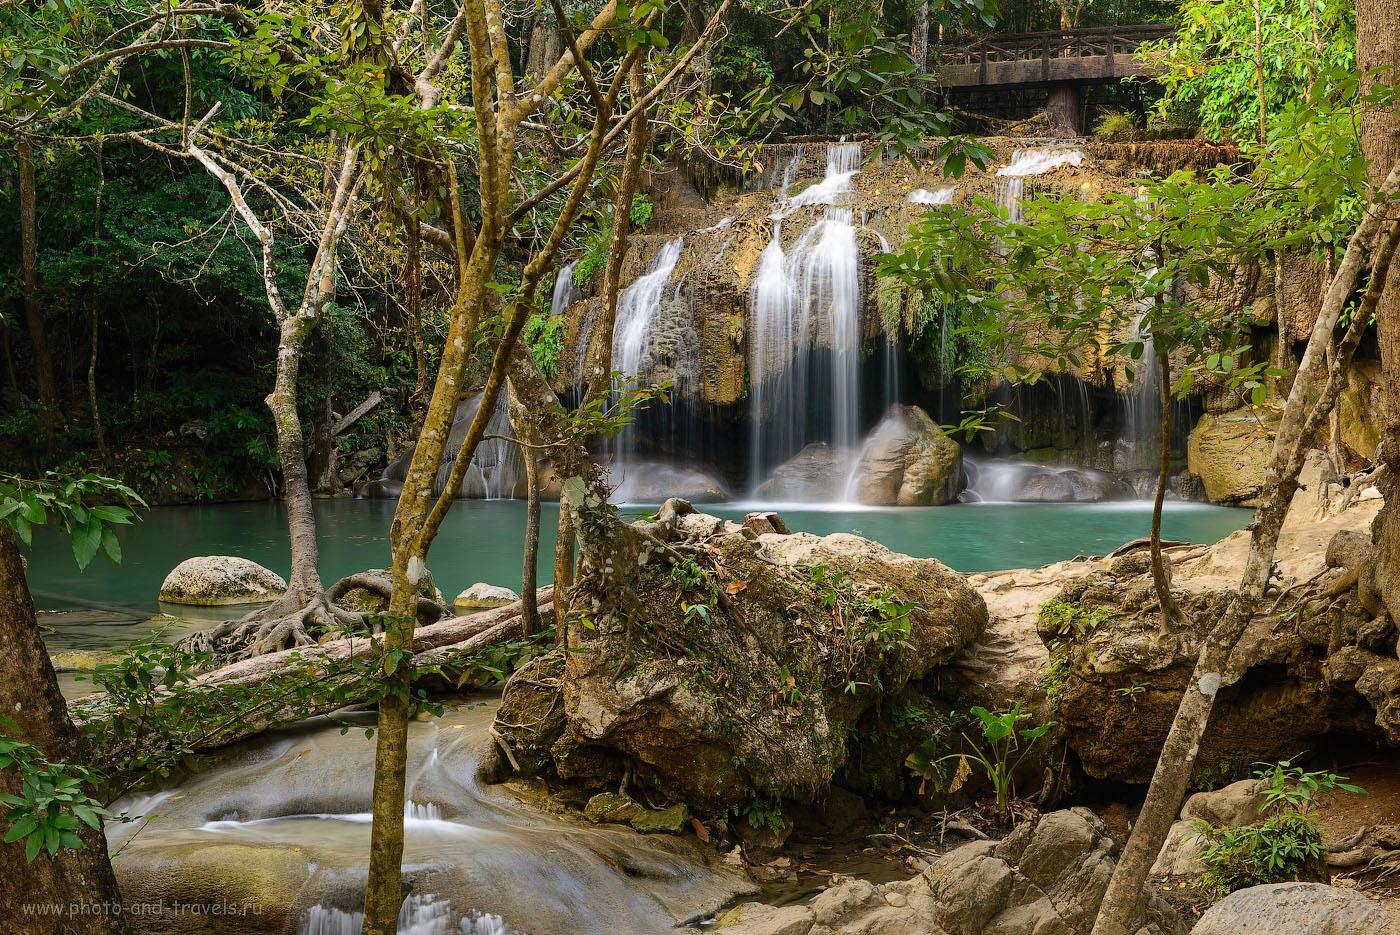 Фото 10. Вторая ступень водопада Эраван. Экскурсии из Паттайи. Отдых в Таиланде. (50, f/16, ФР=56мм, 2.5 секунды)